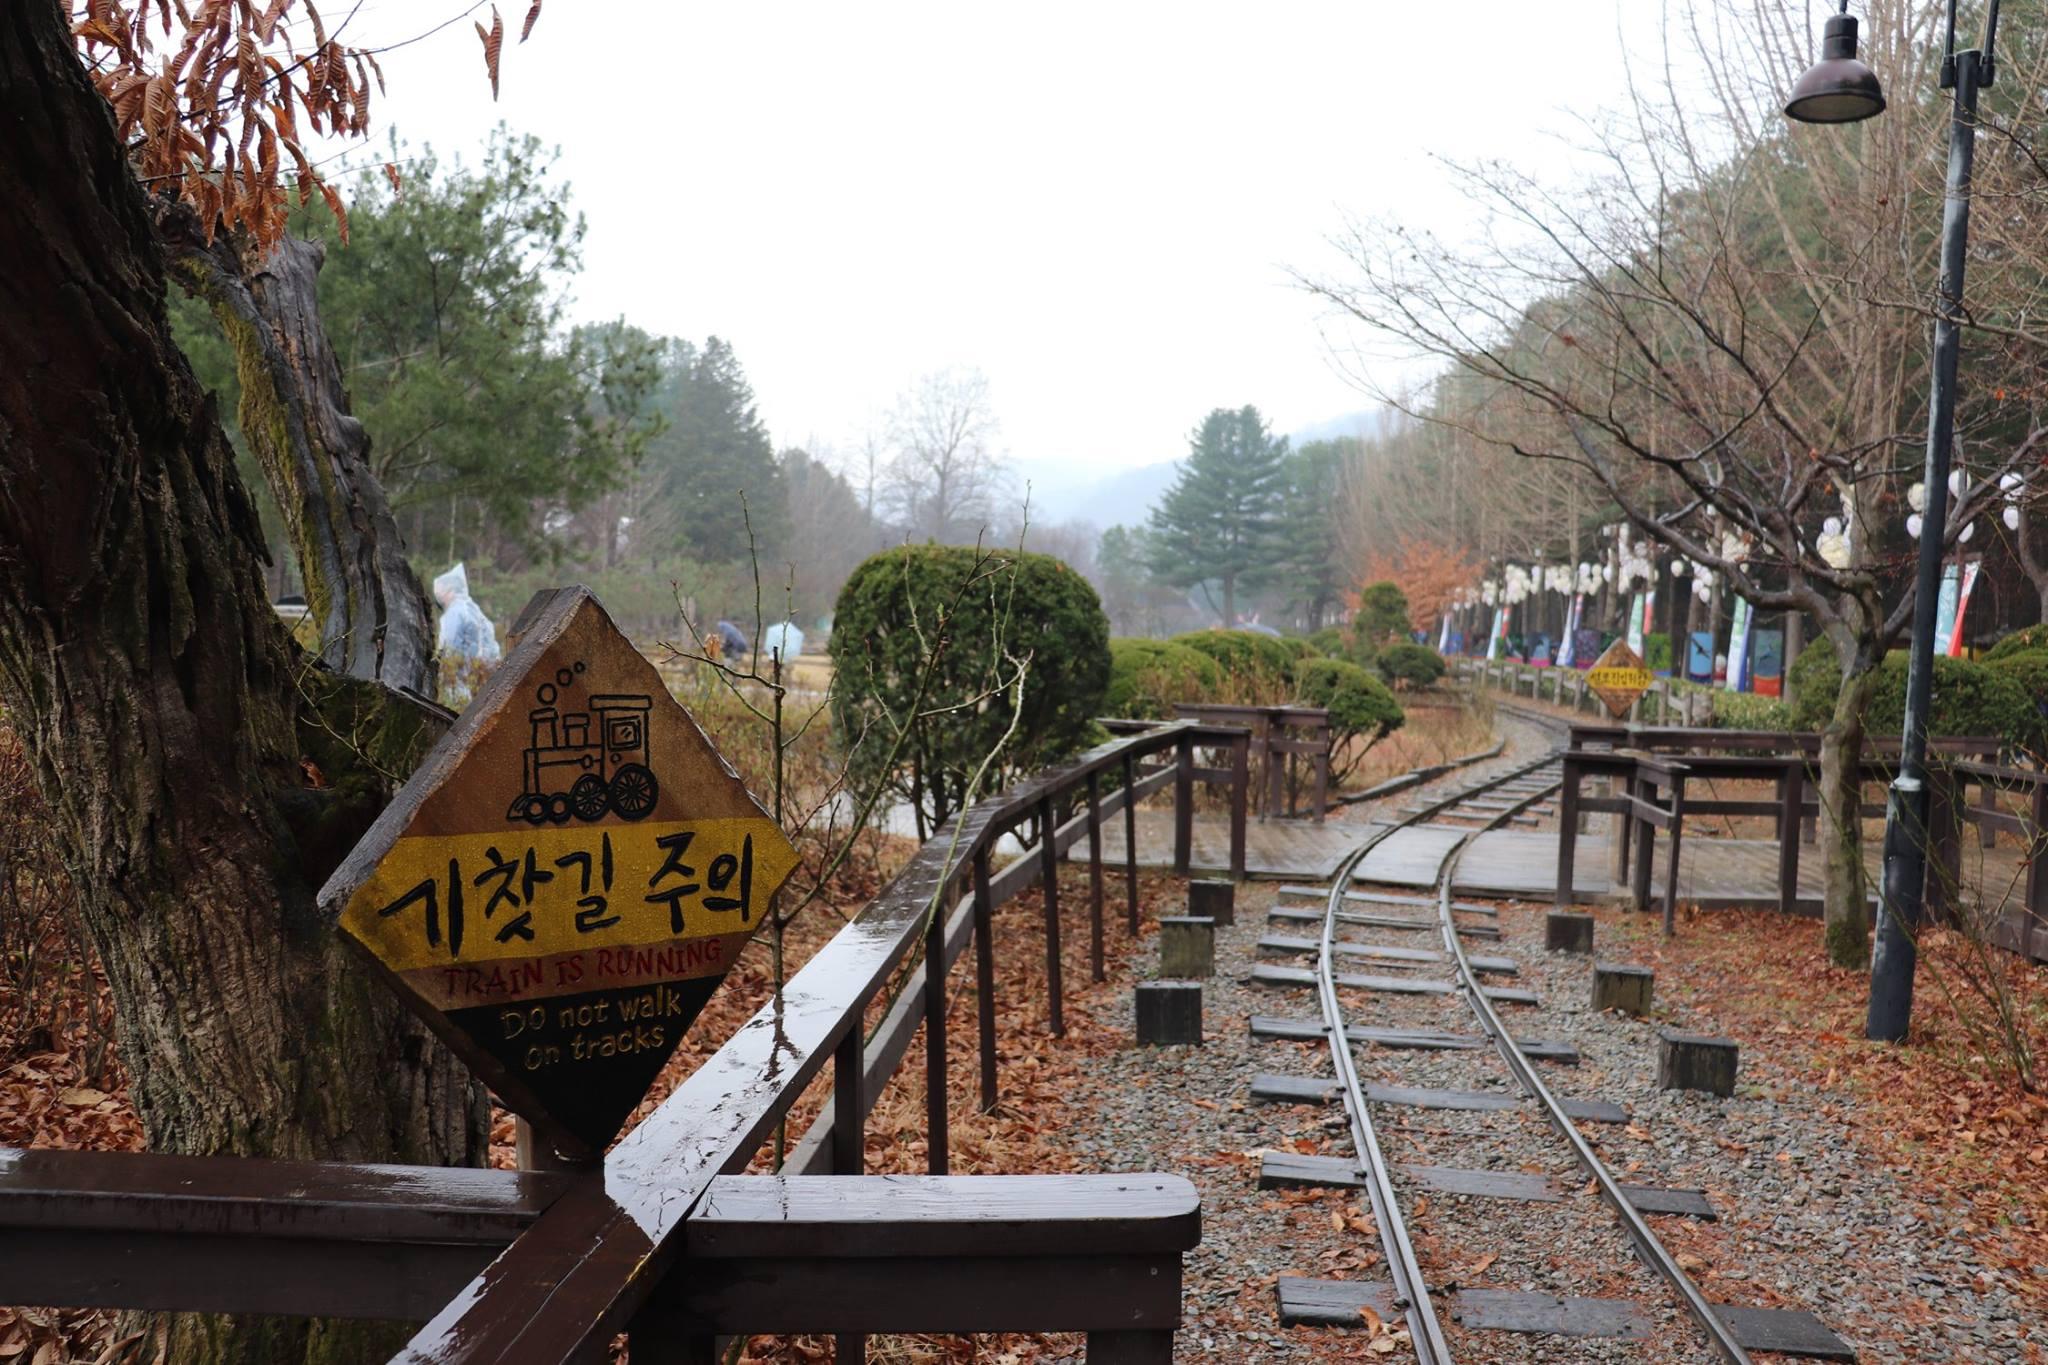 เที่ยวเกาหลี;เที่ยวเกาหลีด้วยตัวเอง;ไปเที่ยวเกาหลี;แนะนำที่เที่ยว;ที่พักในเกาหลี; โรงแรมในเกาหลี; คนชอบเที่ยว;ที่กินในเกาหลี;